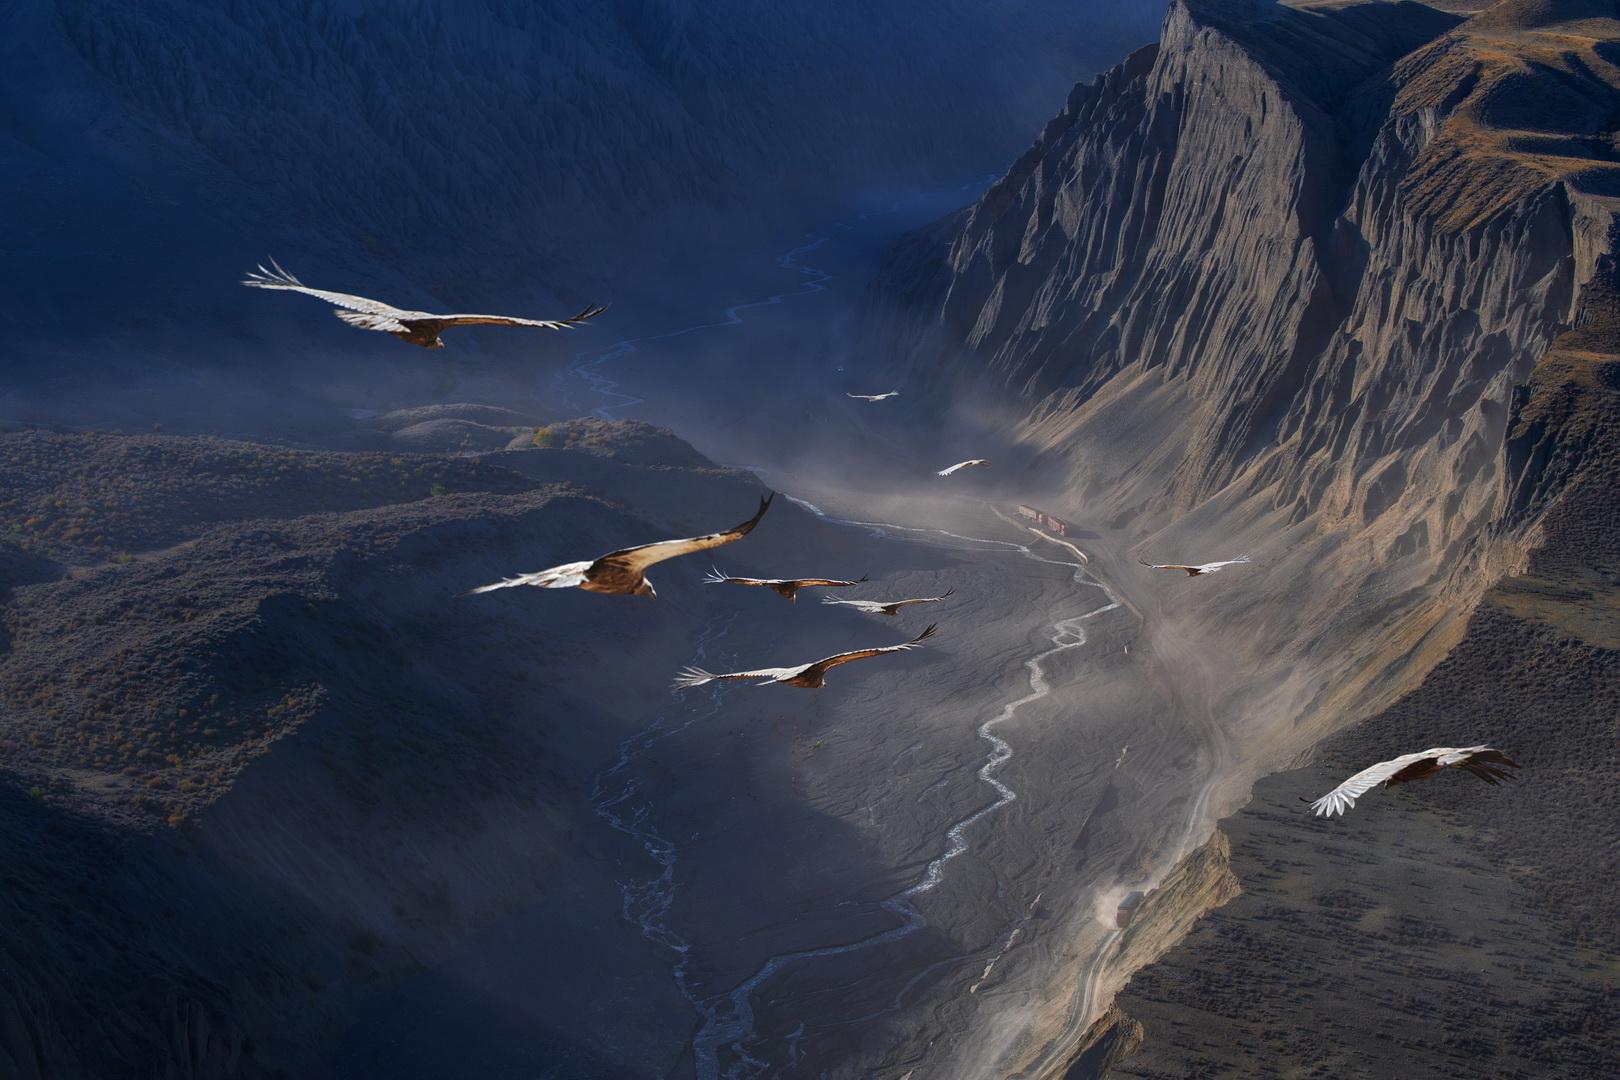 پرواز دیدنی عقابها در آسمان